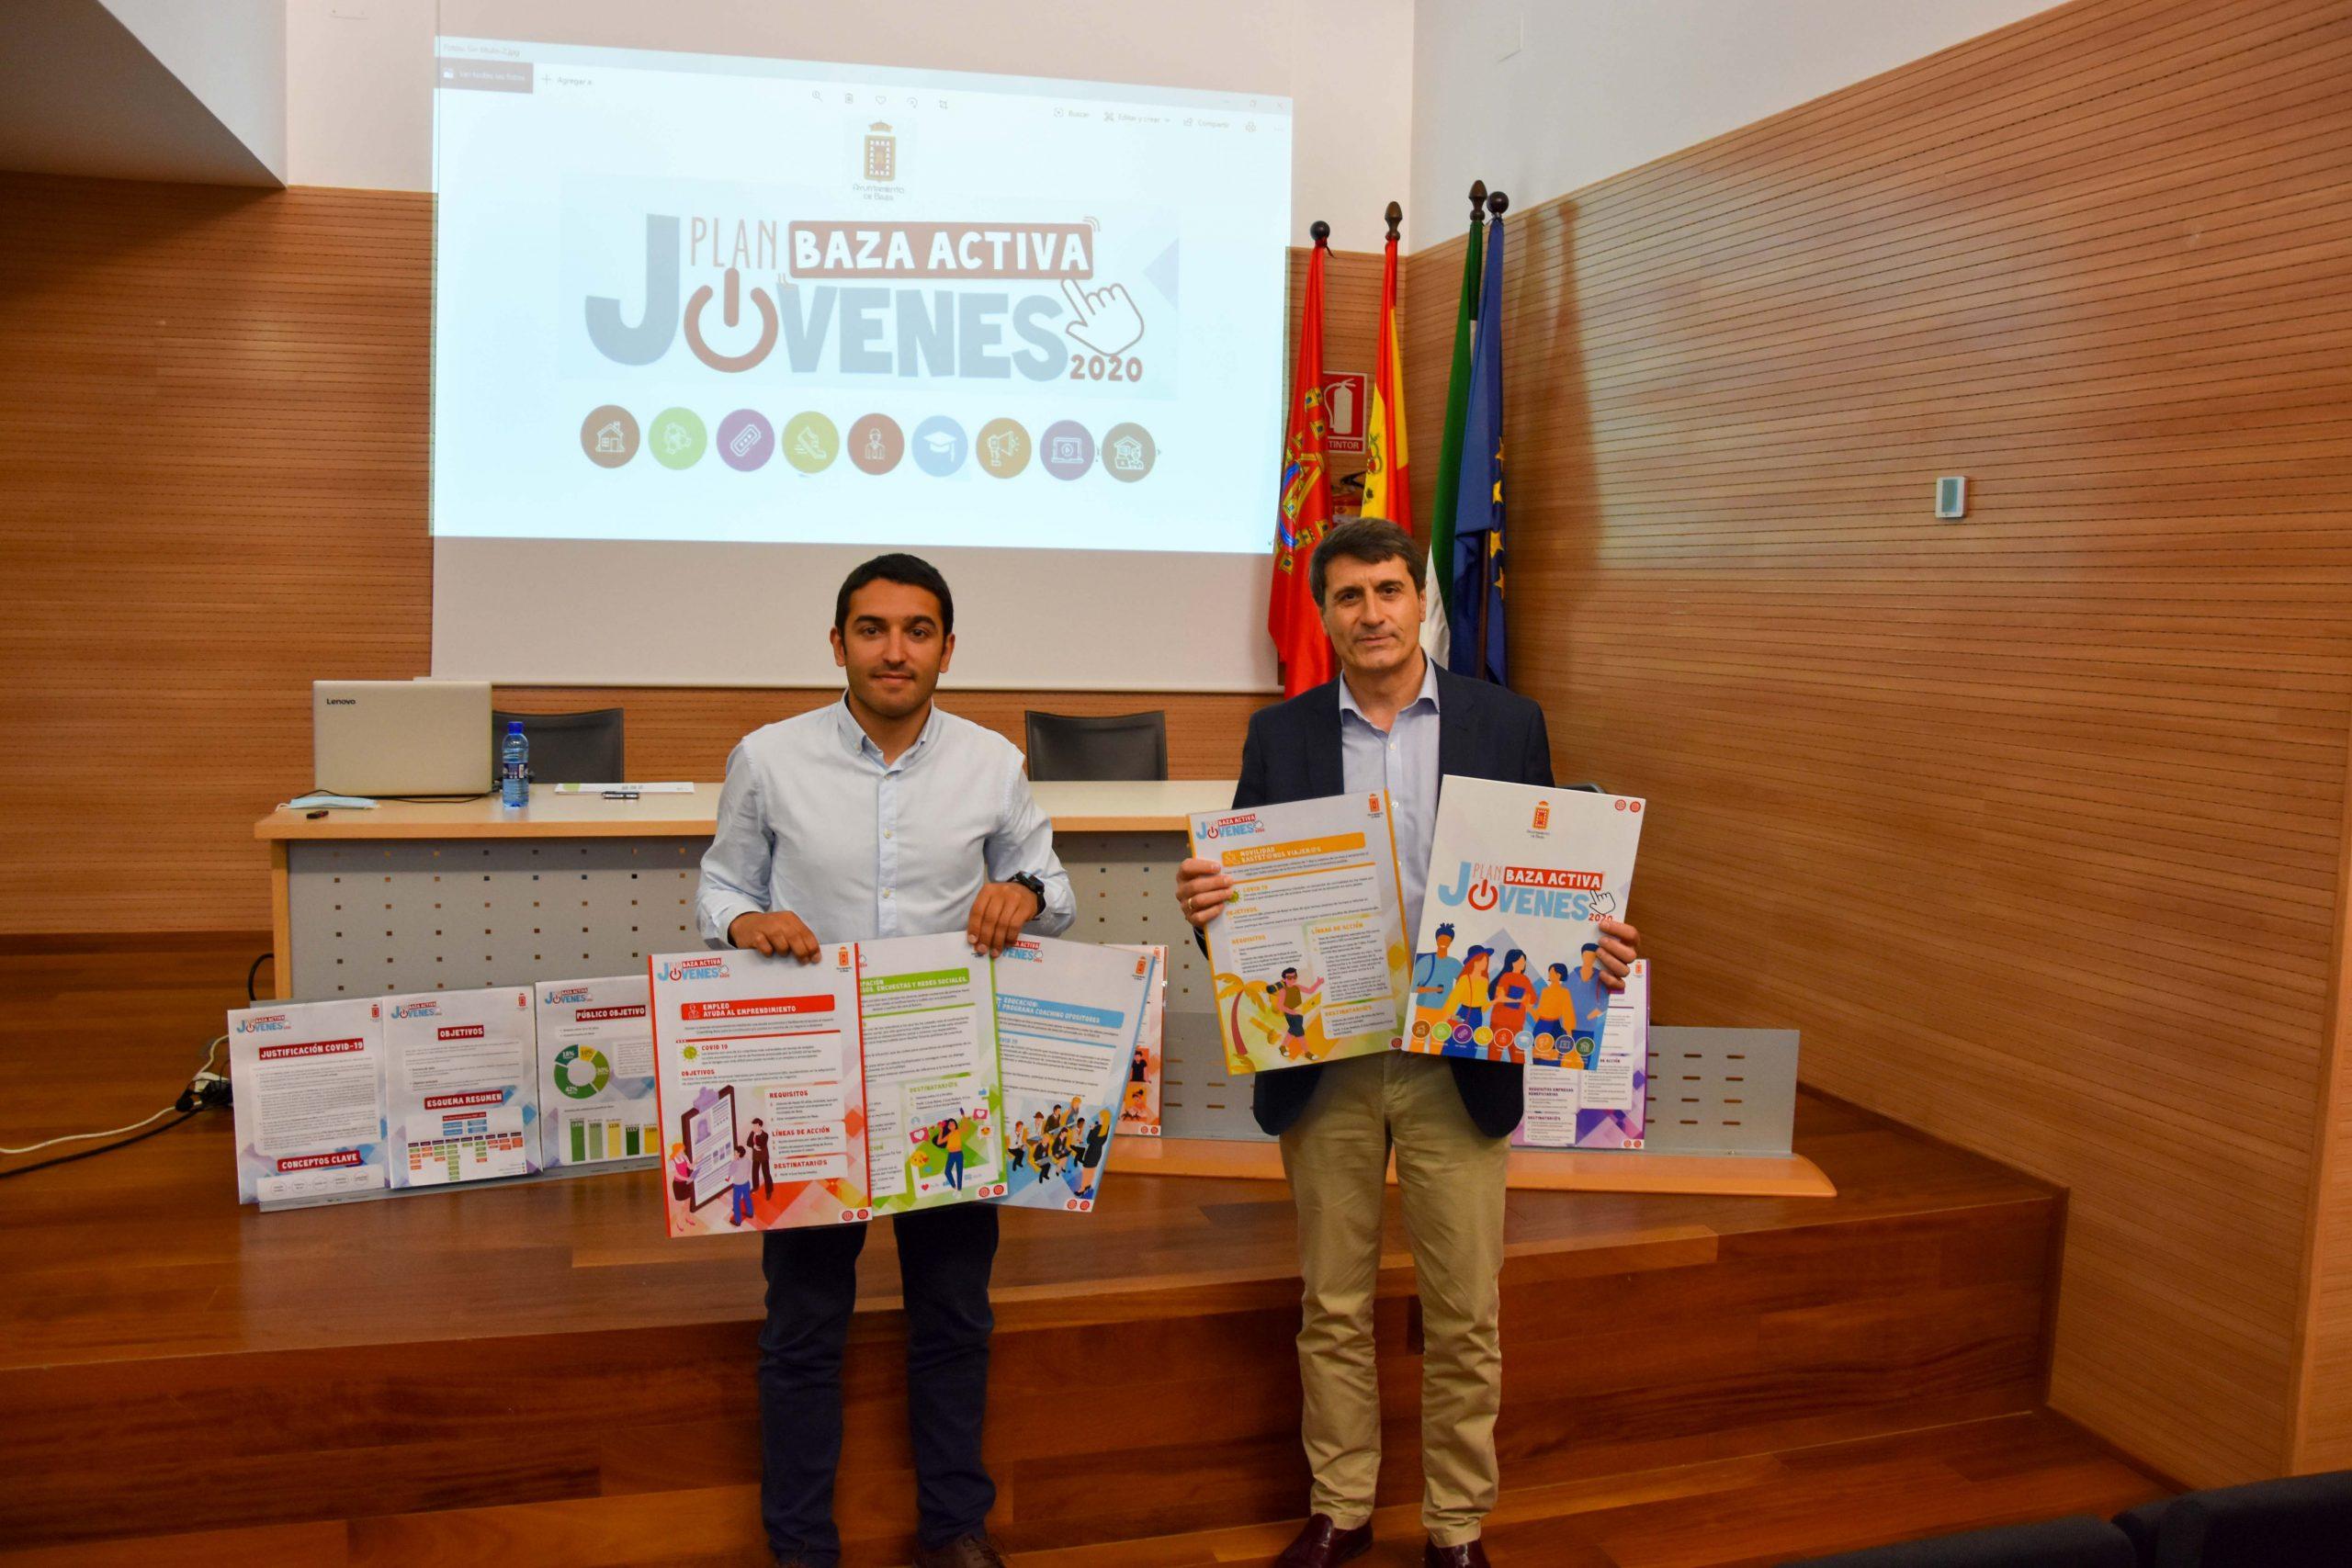 El alcalde de Baza, Pedro Fernández (dcha), y el concejal de Juventud, Antonio Vallejo (izq) presentan el plan